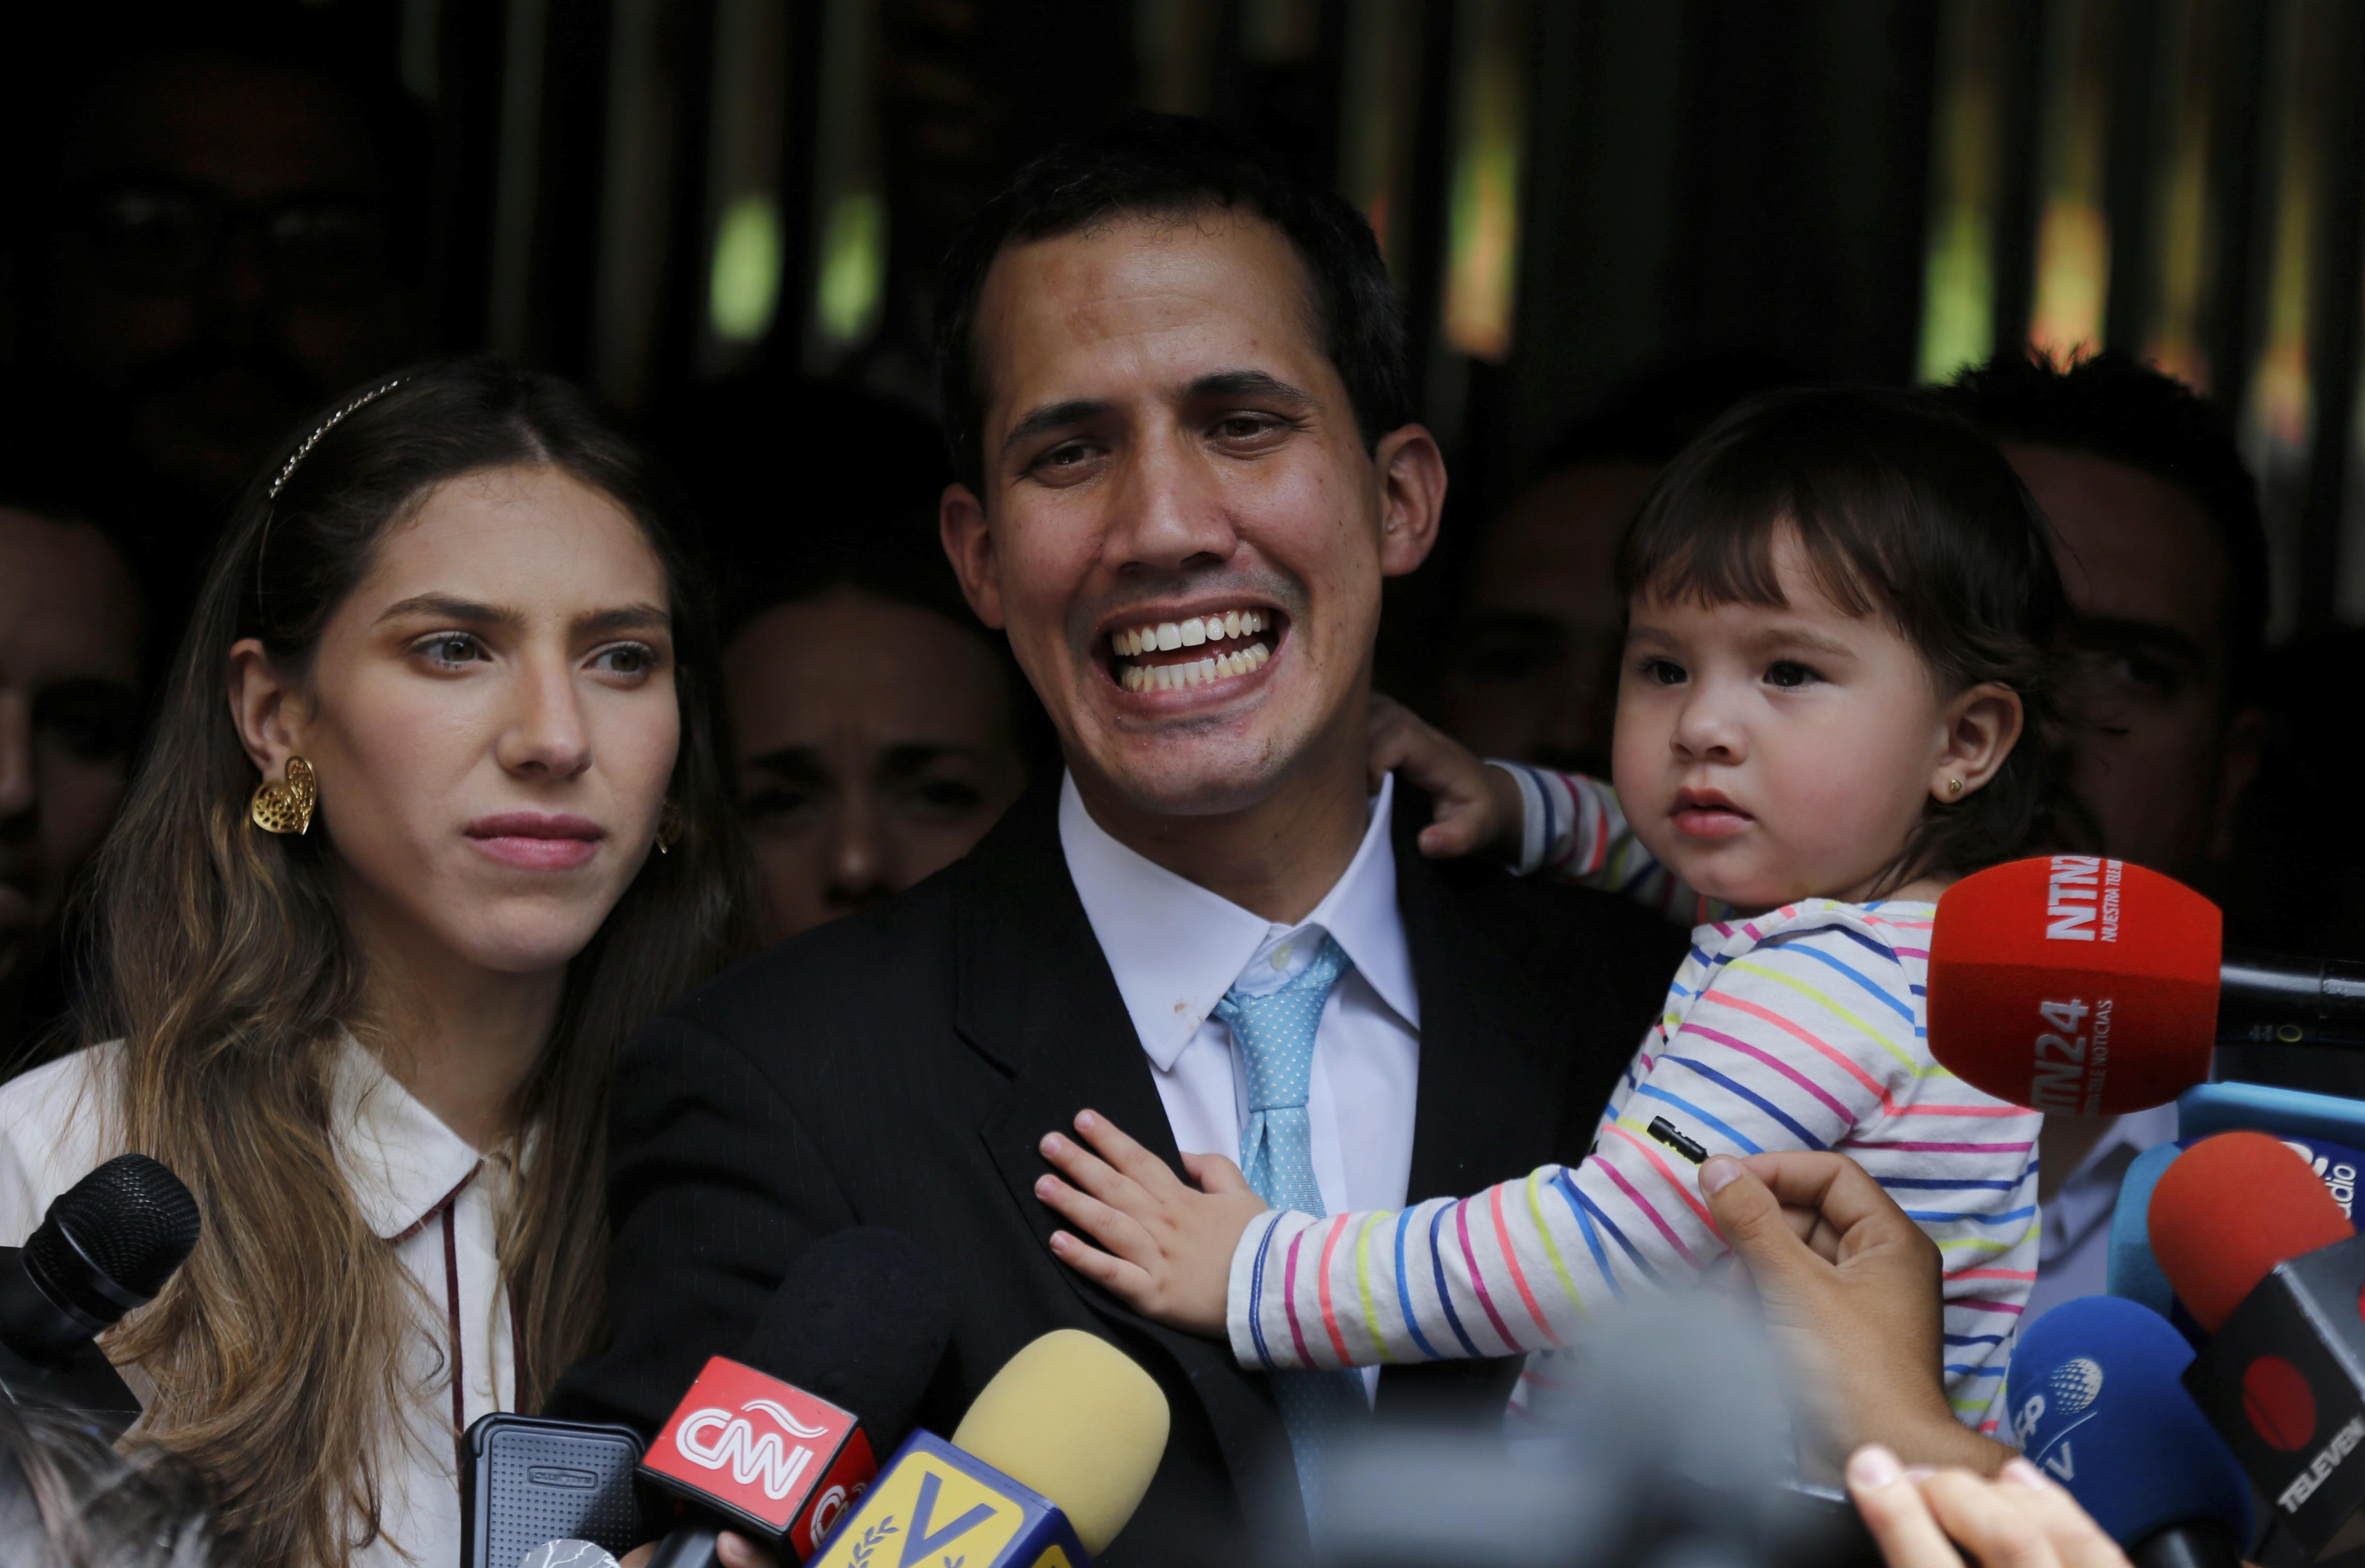 Noticias venezuela 2019